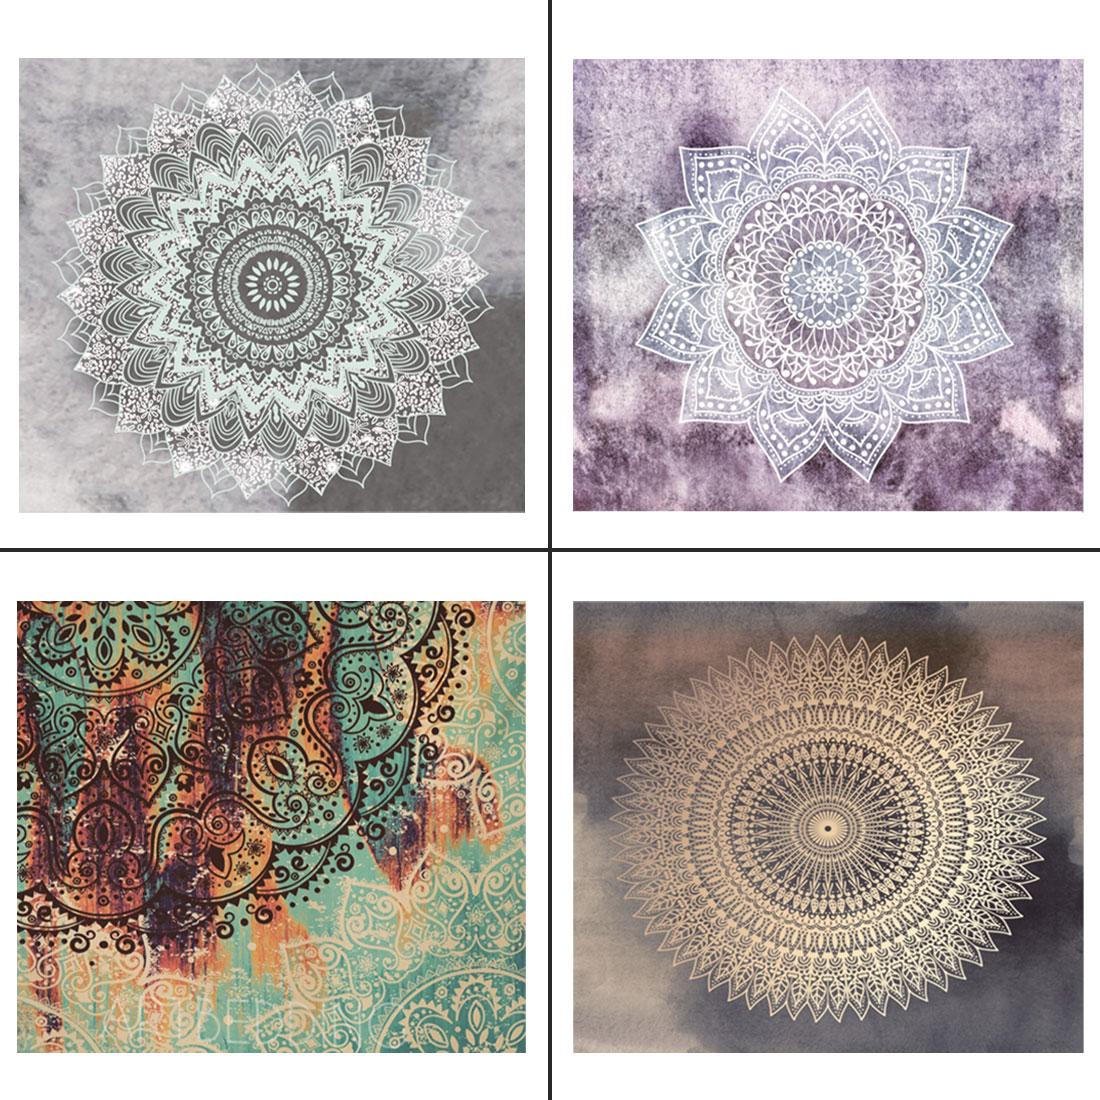 Indiano Arazzo Colorato Stampato Decor Mandala Religioso Boho Parete Tappeto Spiaggia Della Boemia Coperta 150X100 cm/150 X 130 cm/200x150 cm